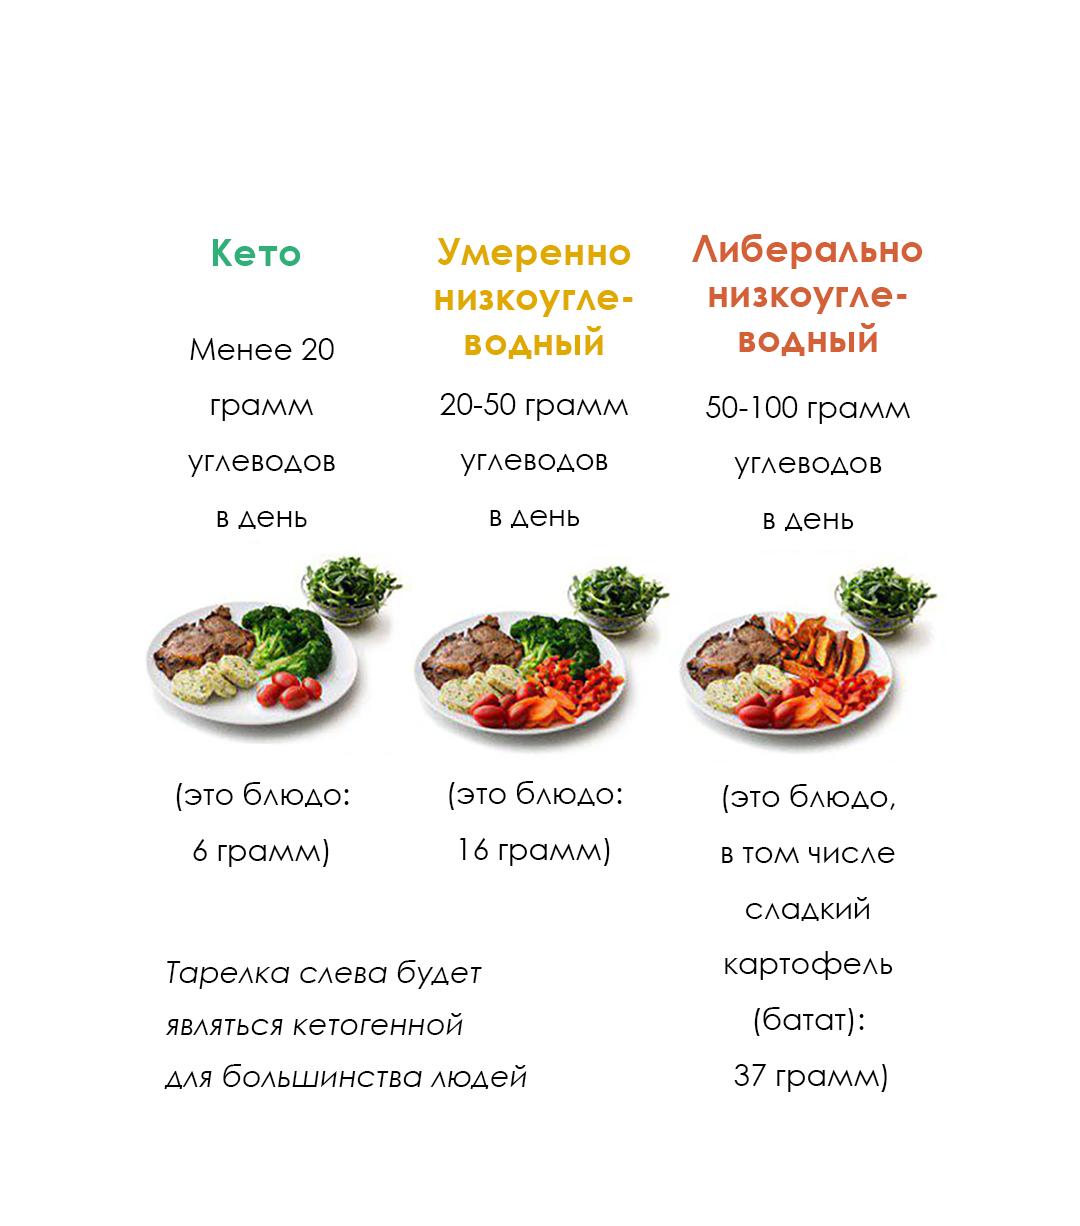 Низкоуглеводные овощи – что кушать и чего избегать